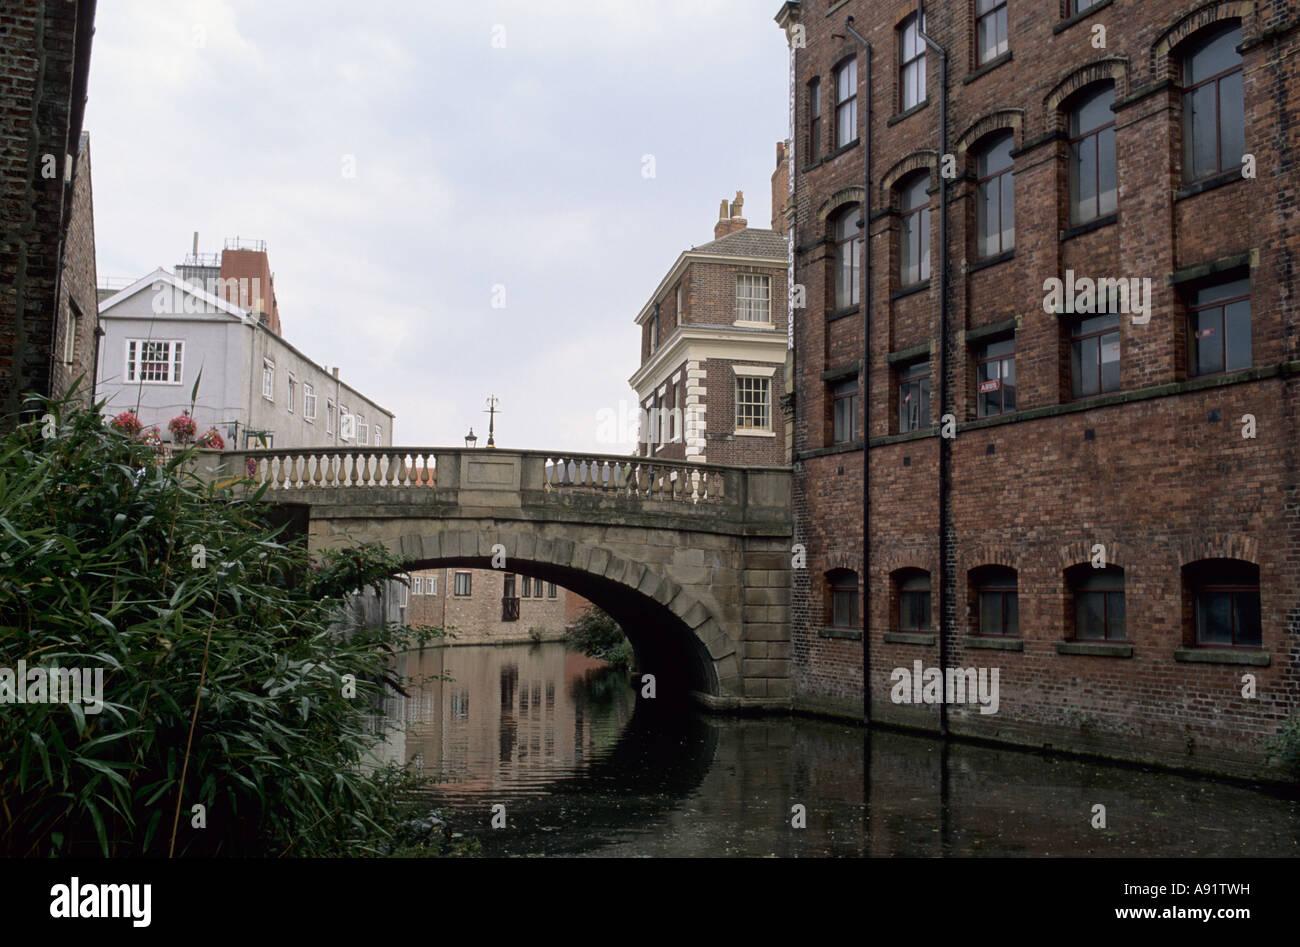 Fossgate Bridge,York. - Stock Image